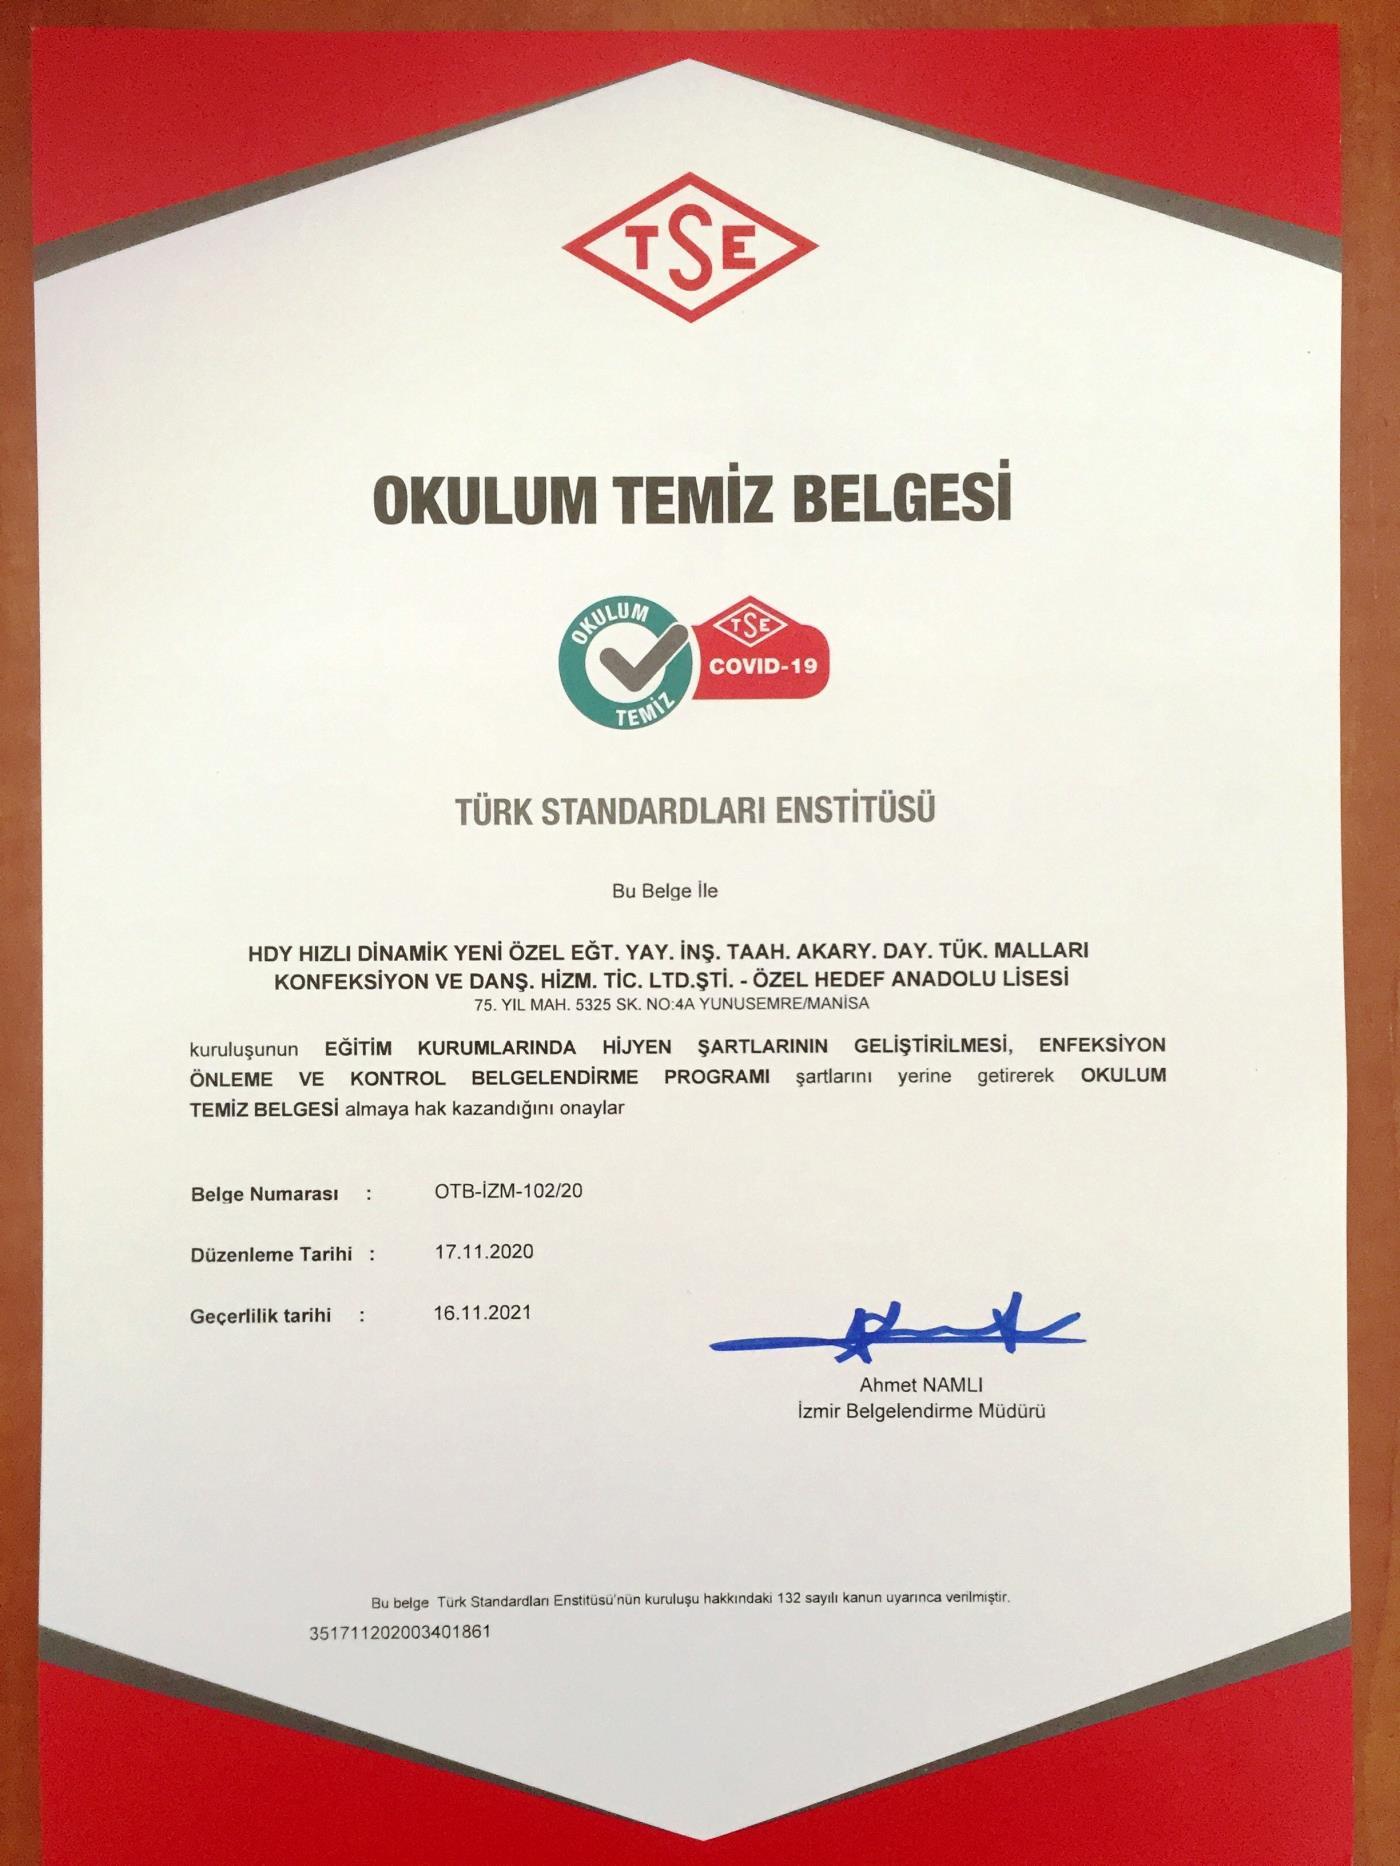 'OKULUM TEMİZ BELGESİ' ALDIK